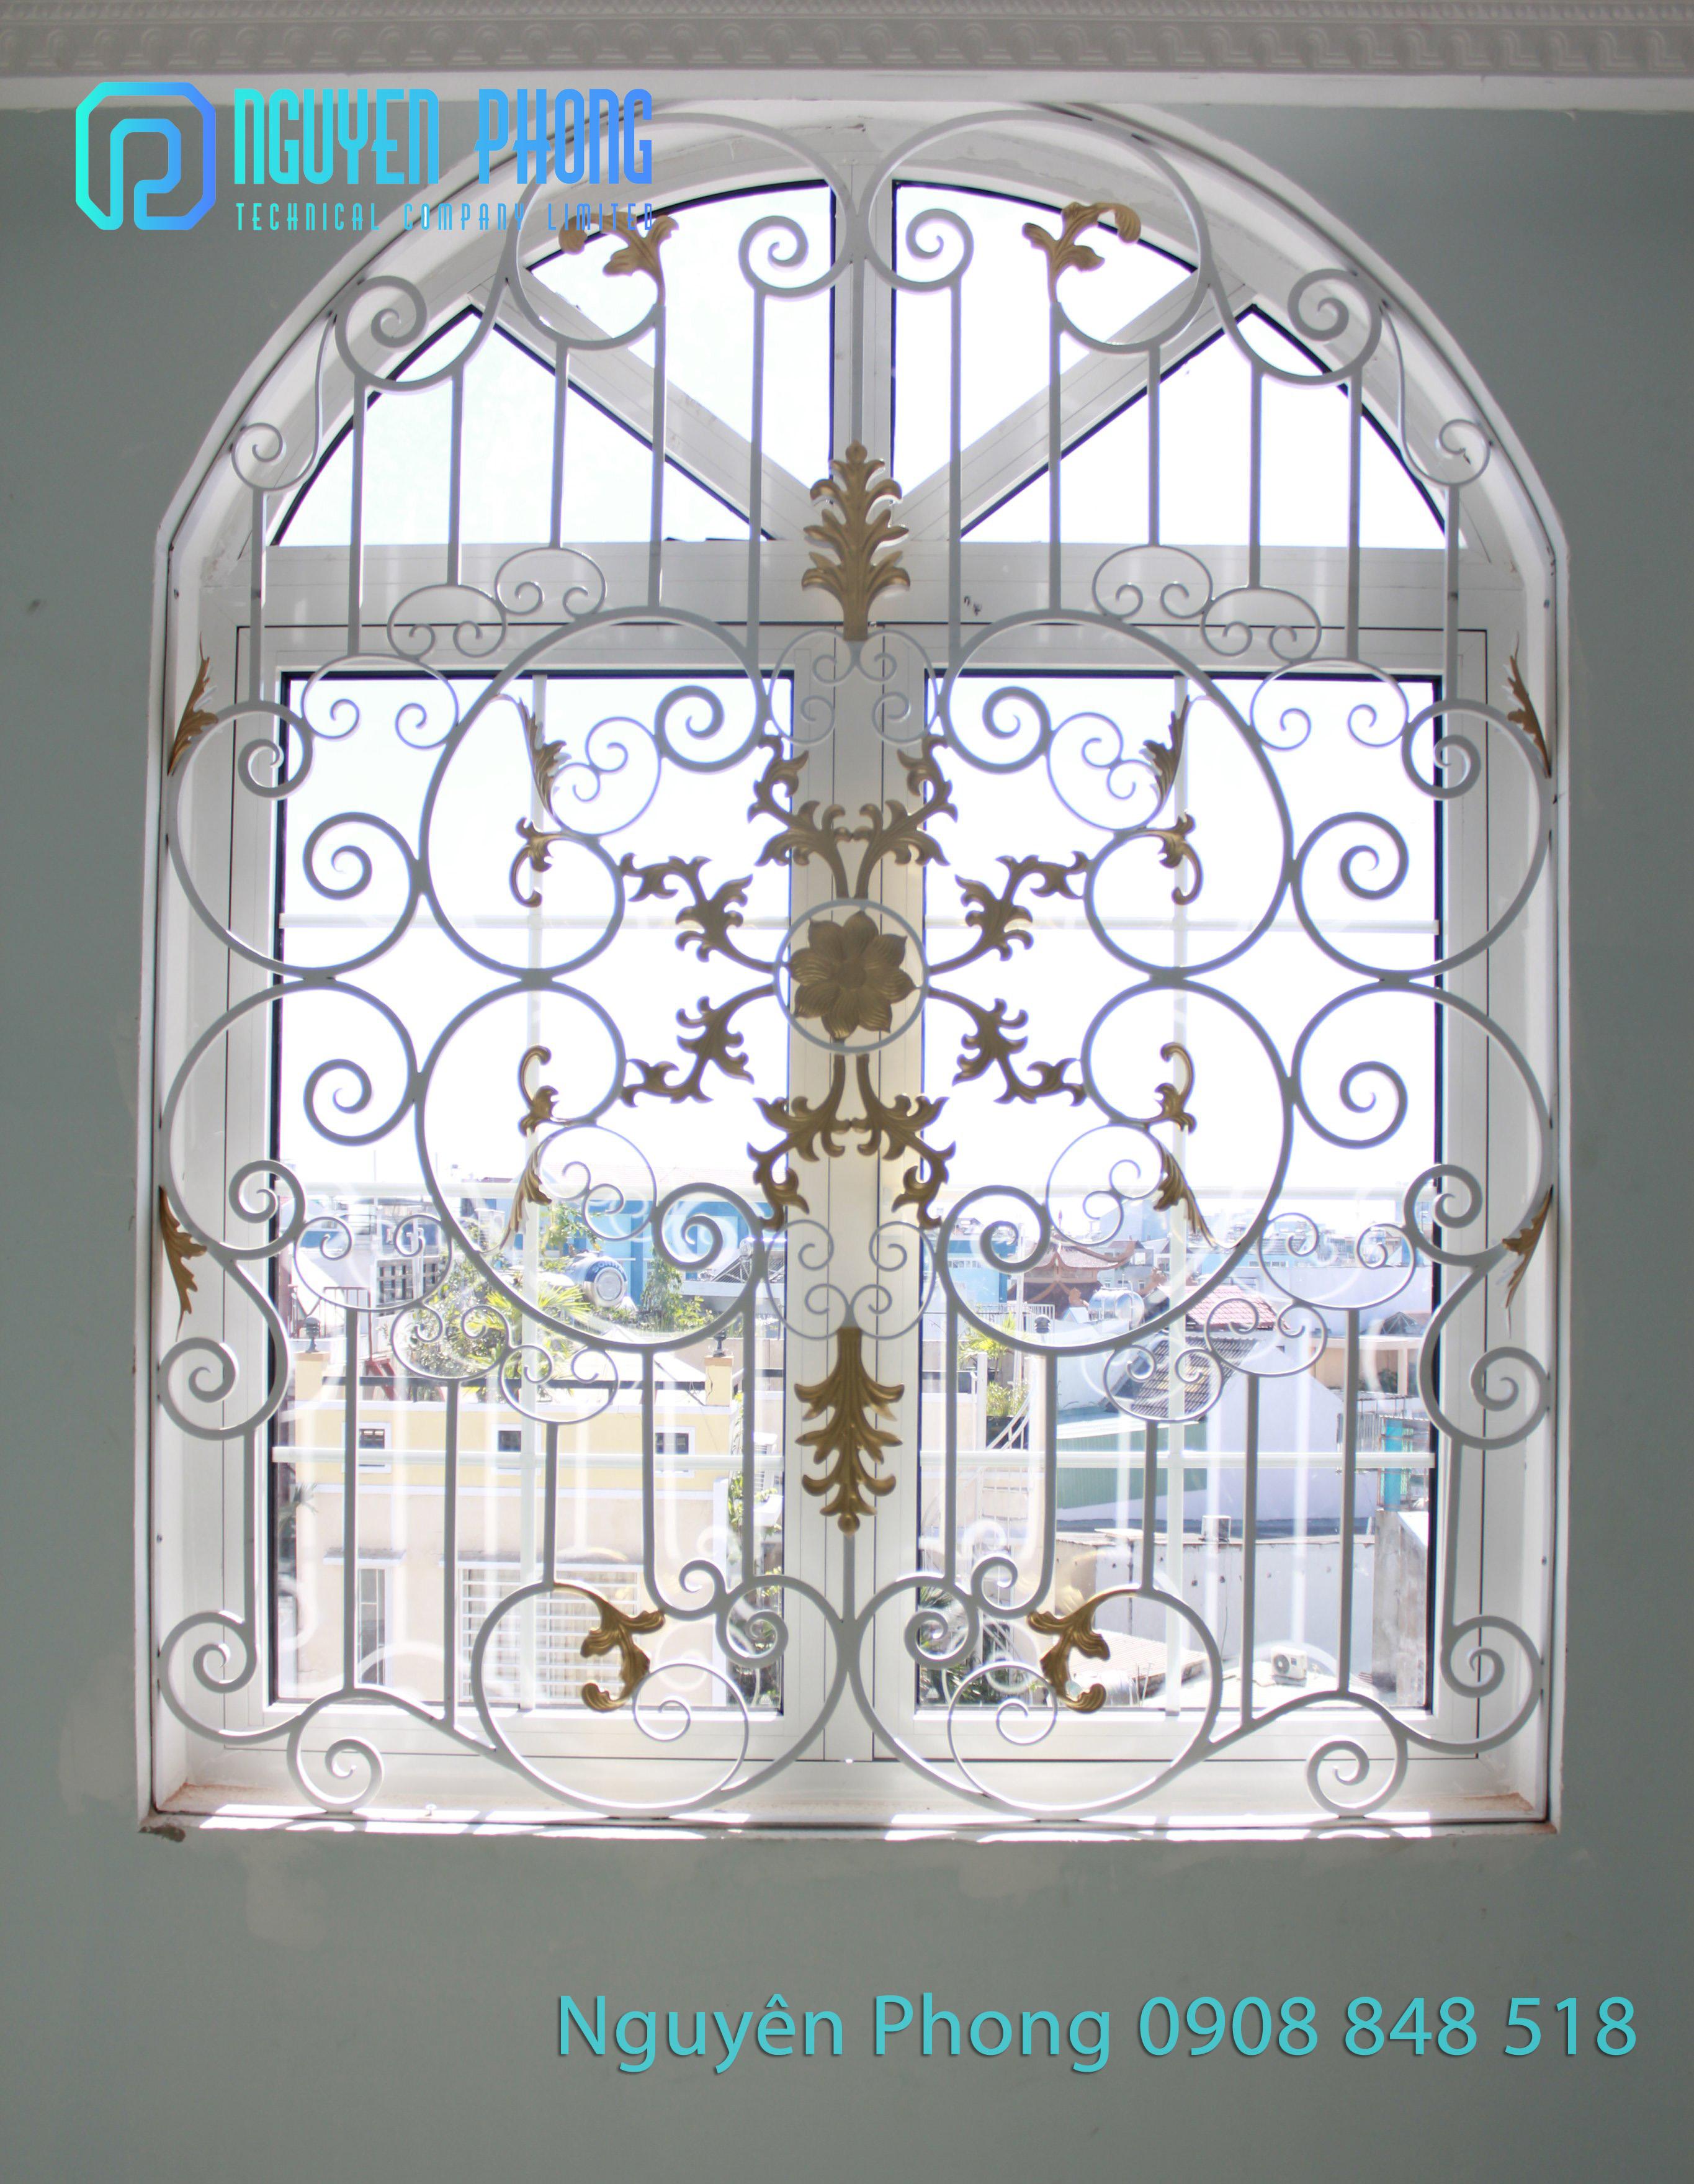 Thiết kế, gia công, thi công khung cửa sổ sắt uốn mỹ thuật sang trọng giá tốt nhất